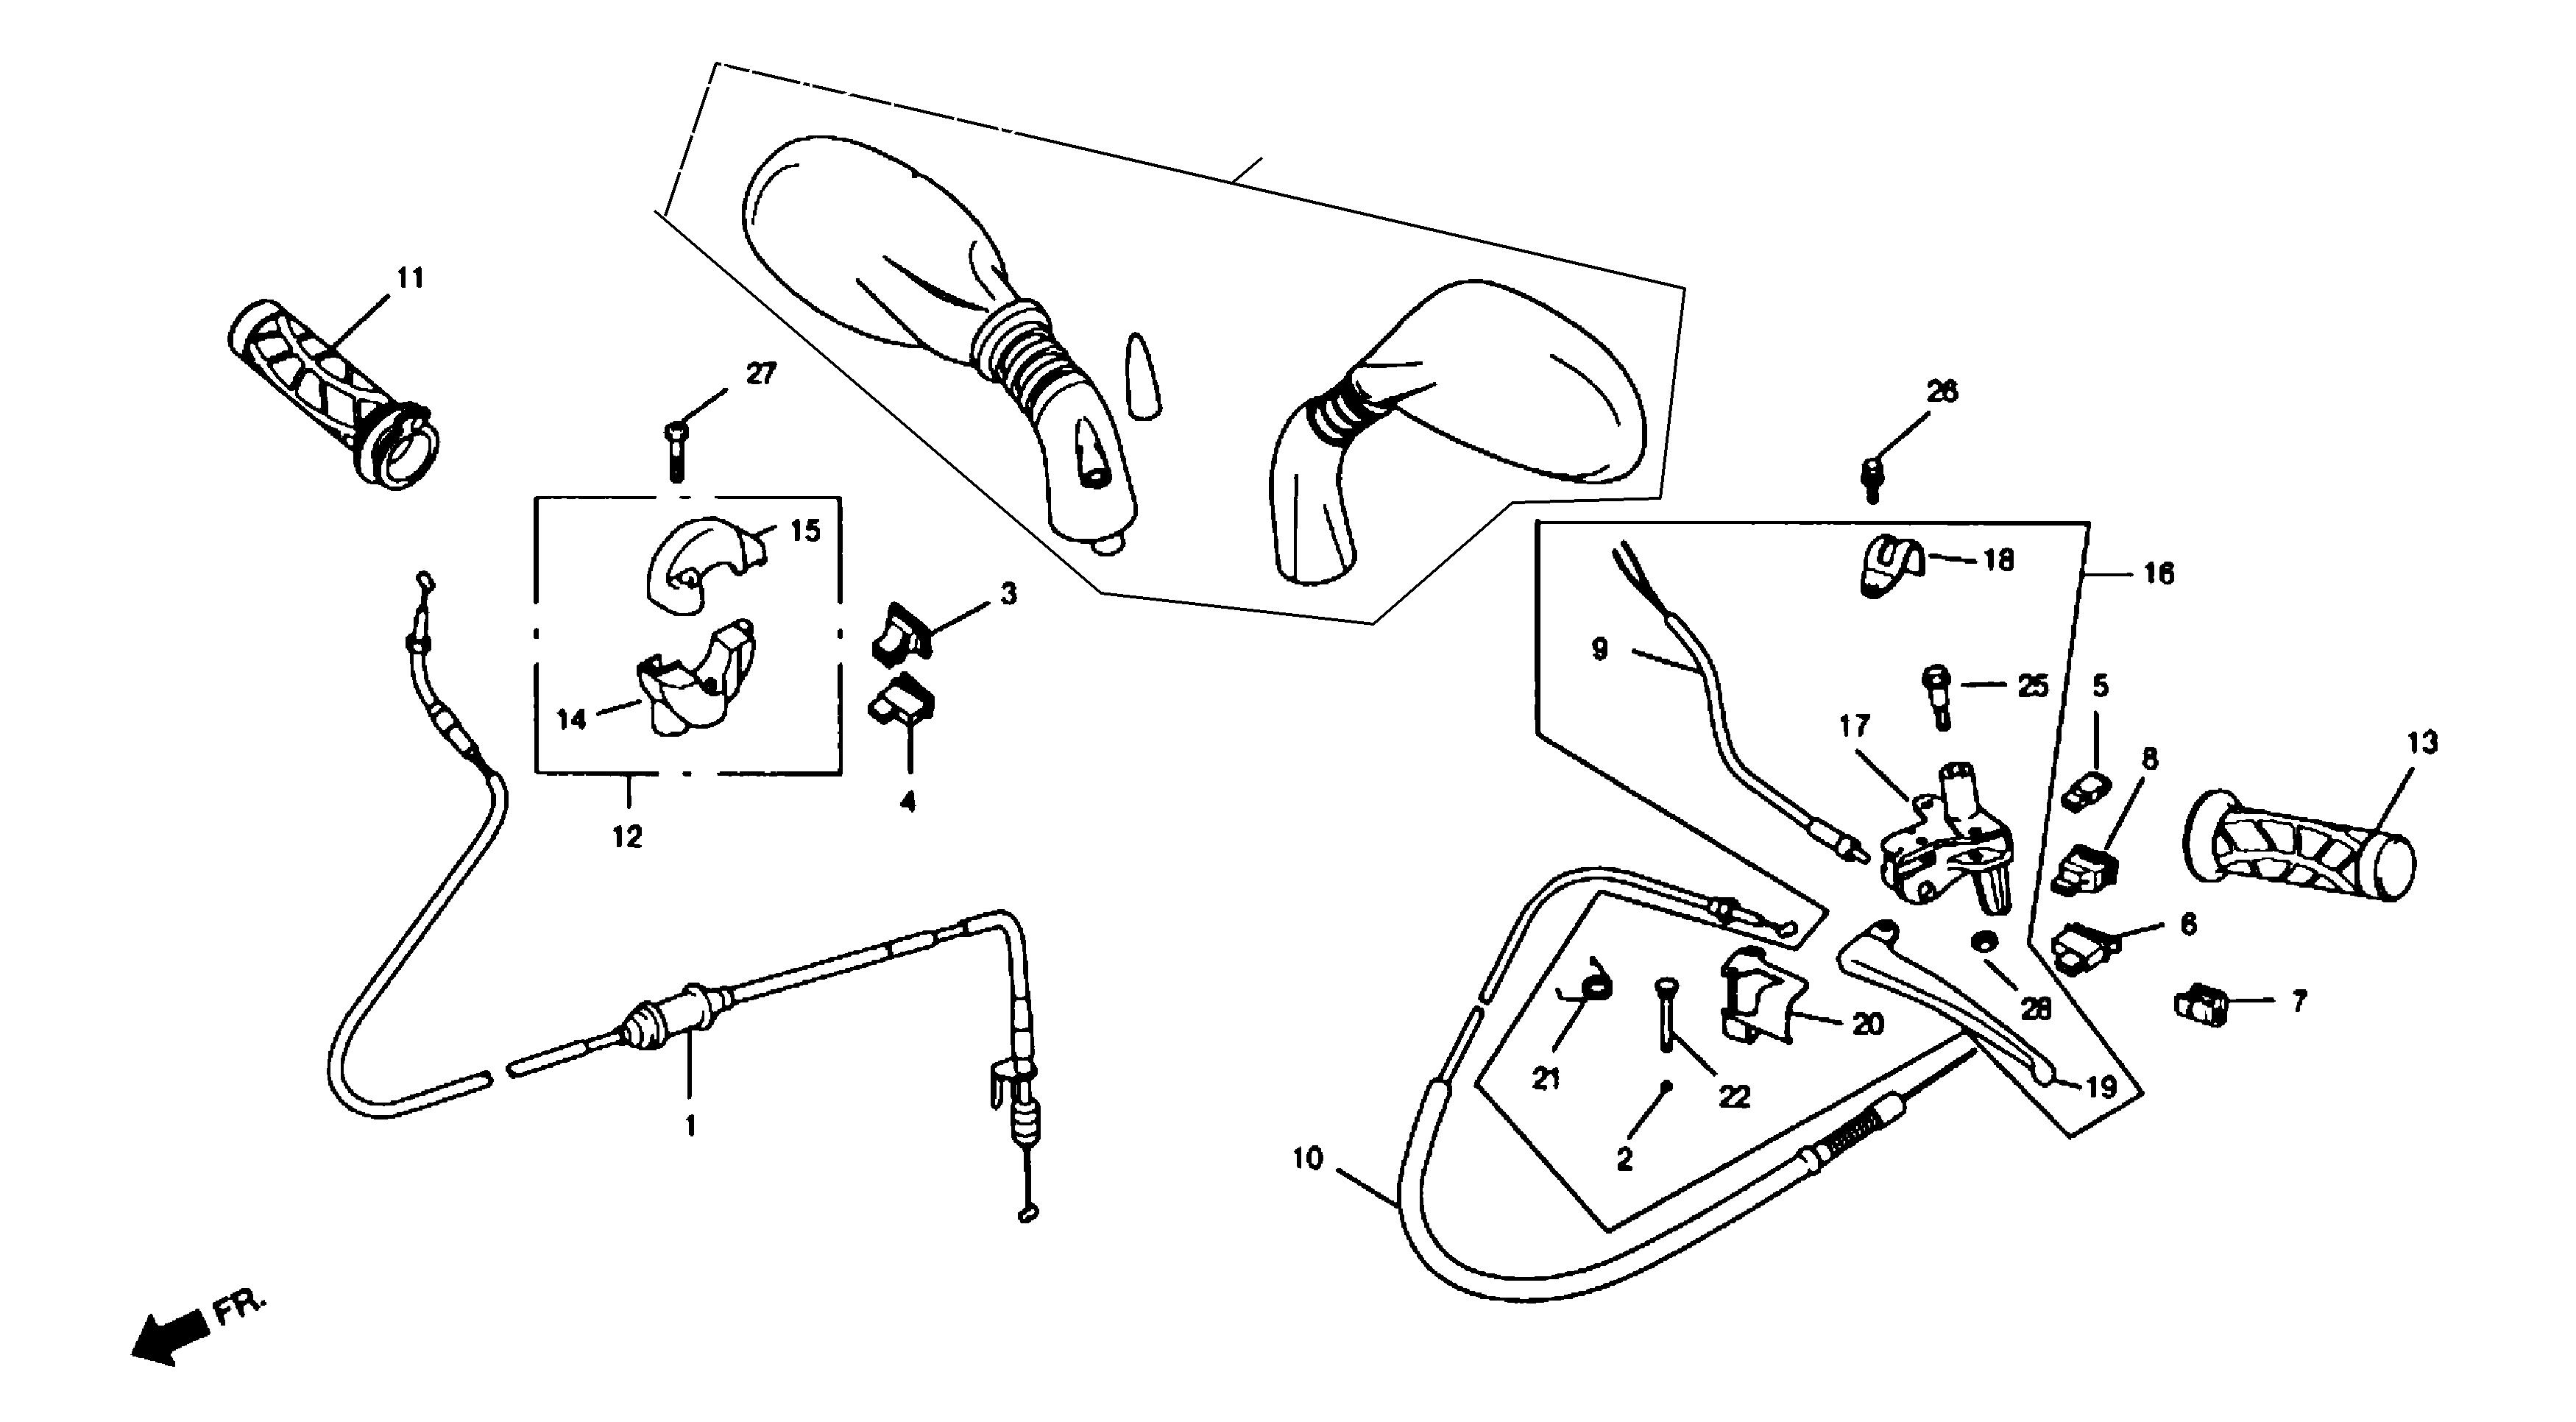 Griffe / Schalter / Züge